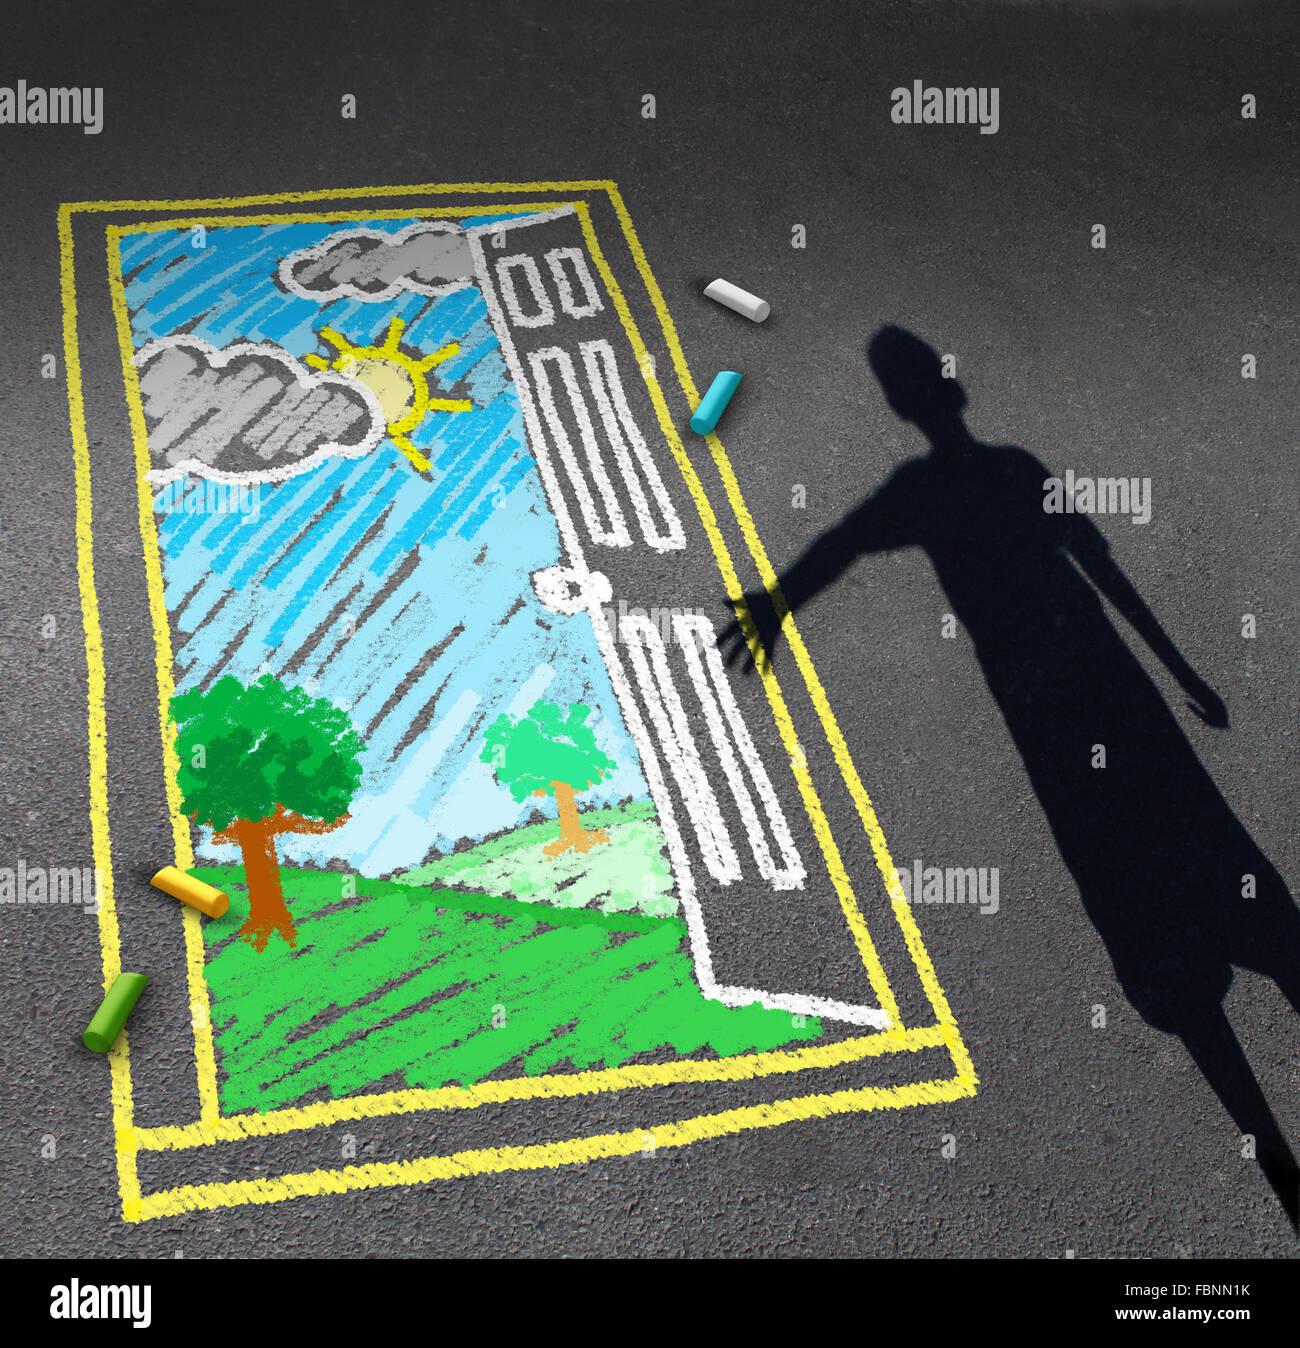 Infanzia opportunità concetto e bambino immaginazione simbolo come un ombra di un ragazzo che guarda verso Immagini Stock